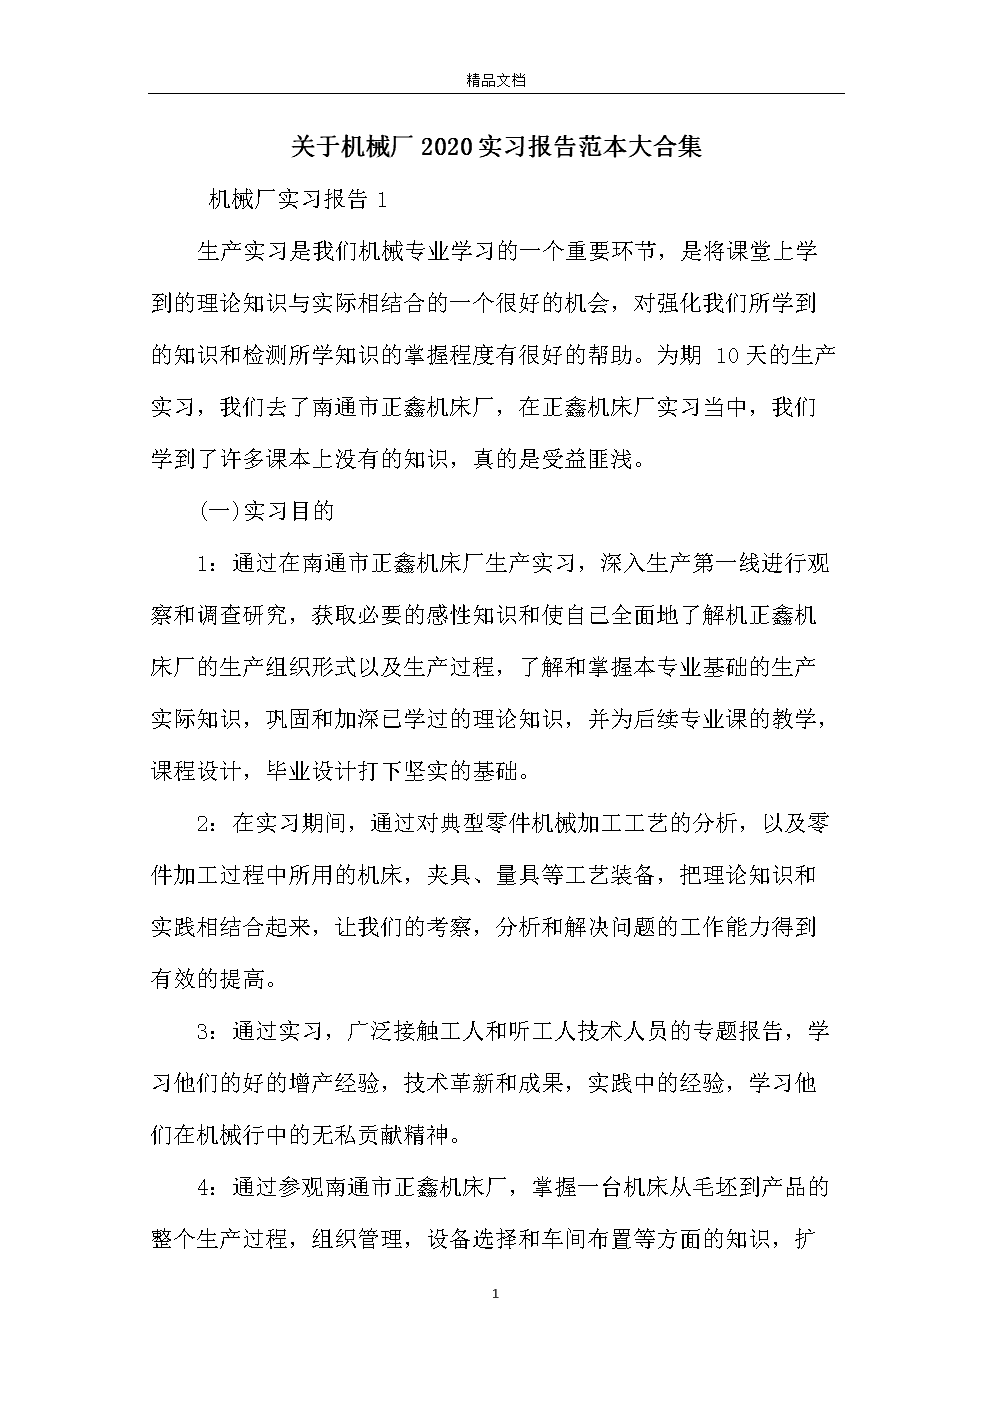 关于机械厂2020实习报告范本大合集.docx